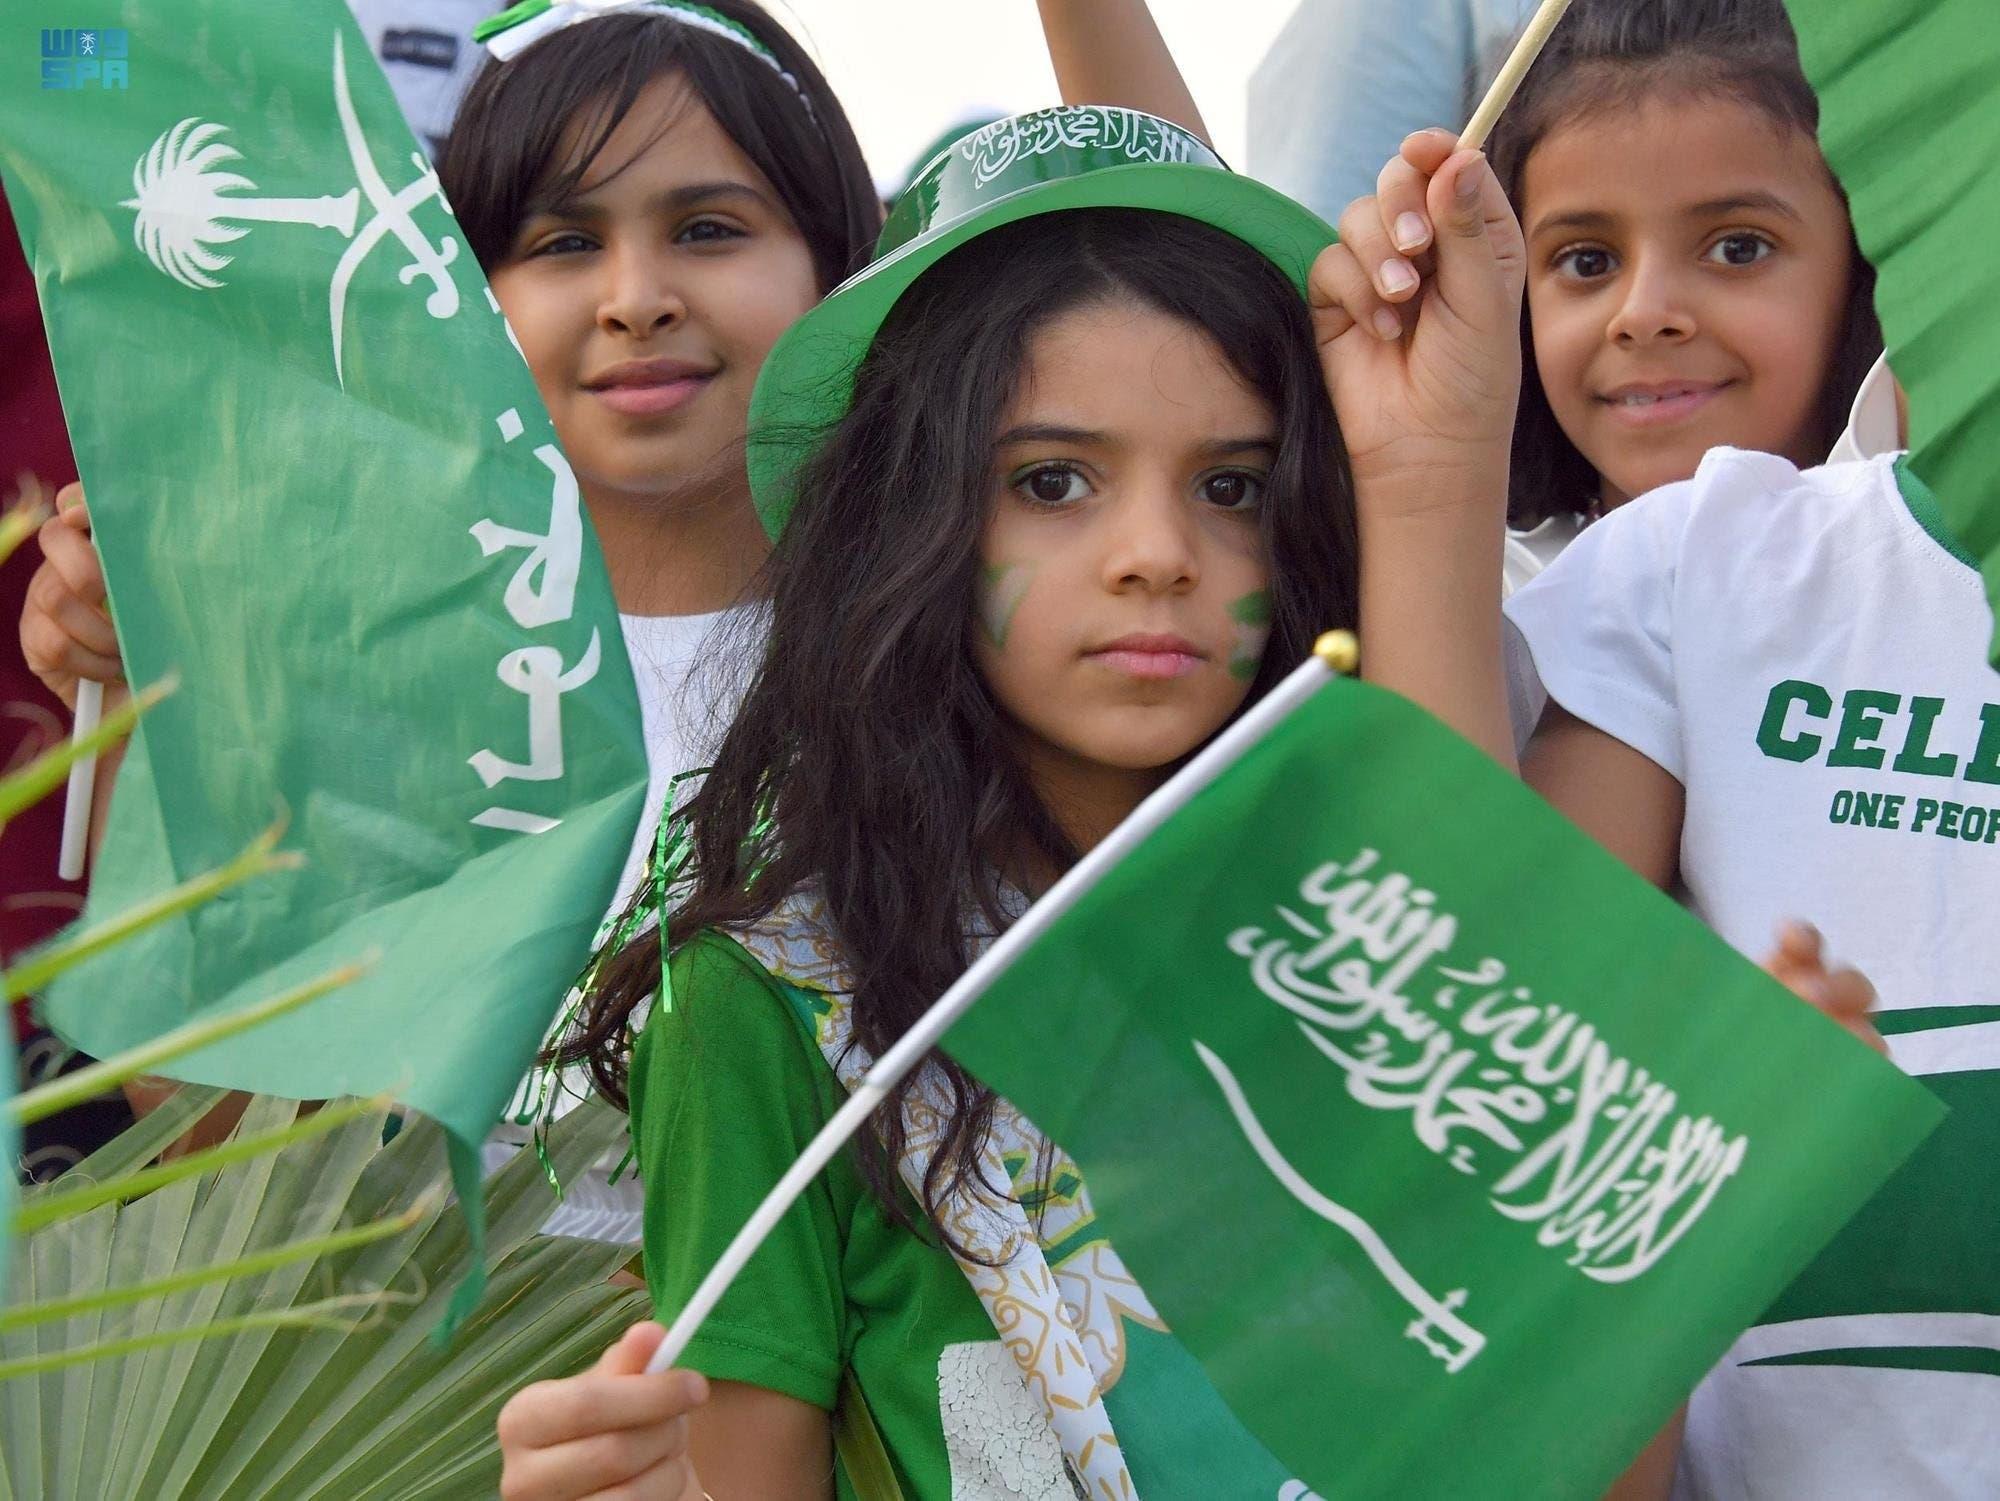 مظاهر احتفال اليوم الوطني السعودي 91 ,,..